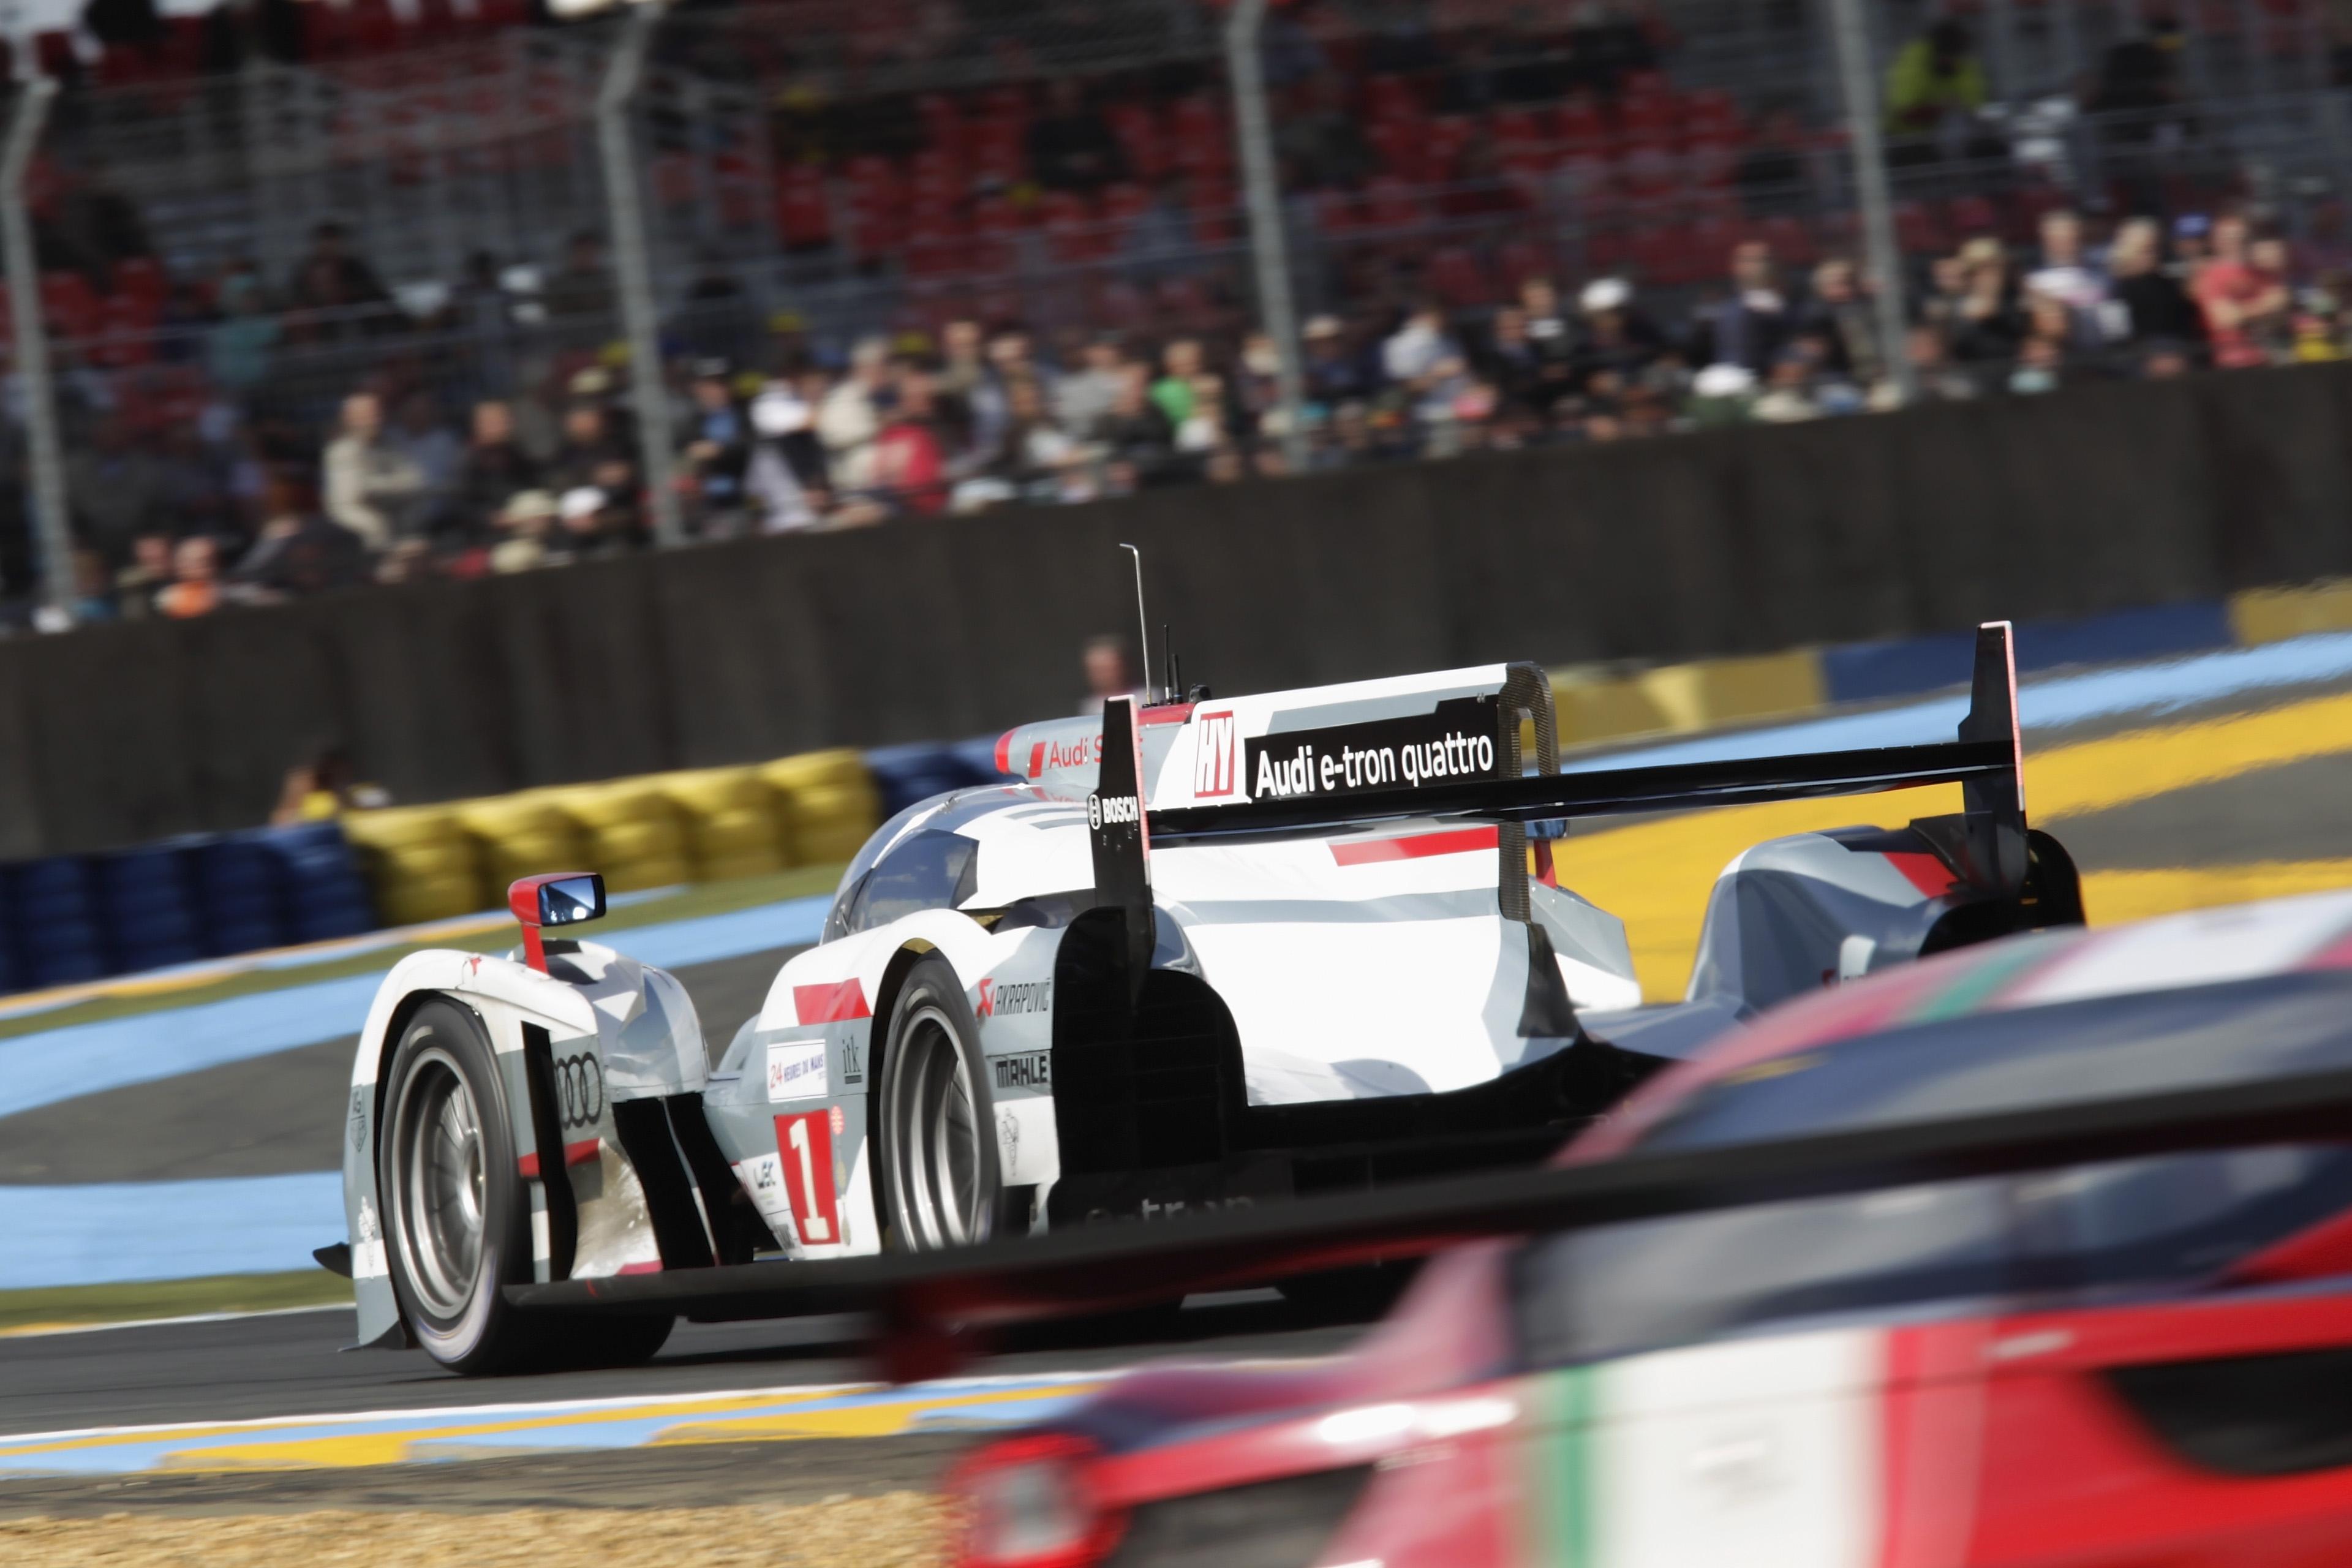 Triunfo consagratorio en Le Mans 2012. Fue en la segunda presentación del R18 e-tron quattro. Habría más?